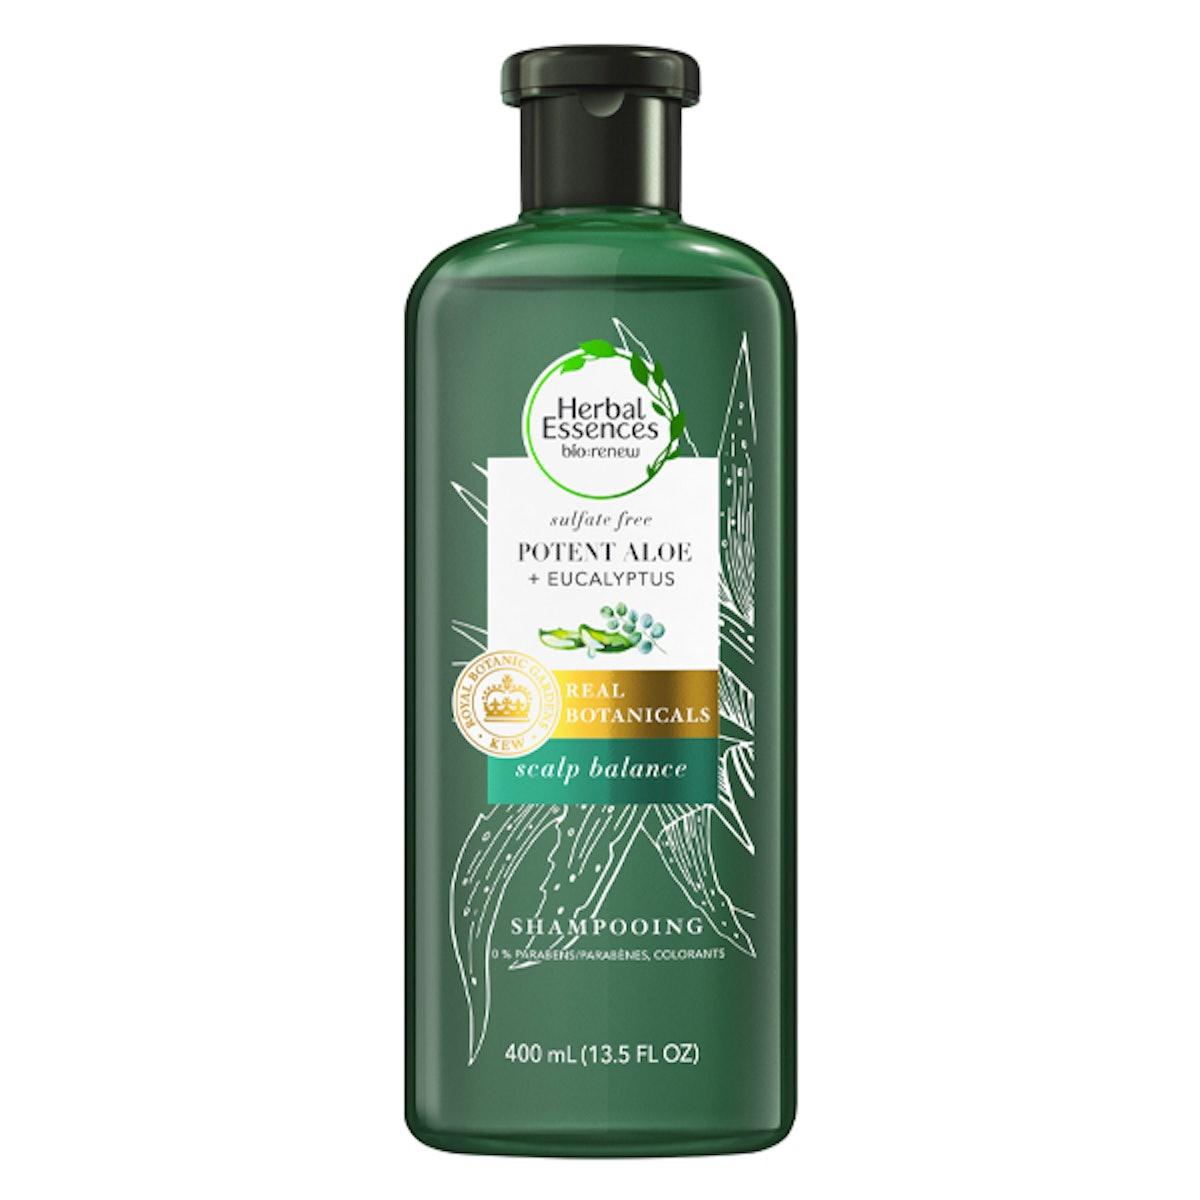 Potent Aloe + Eucalyptus Shampoo